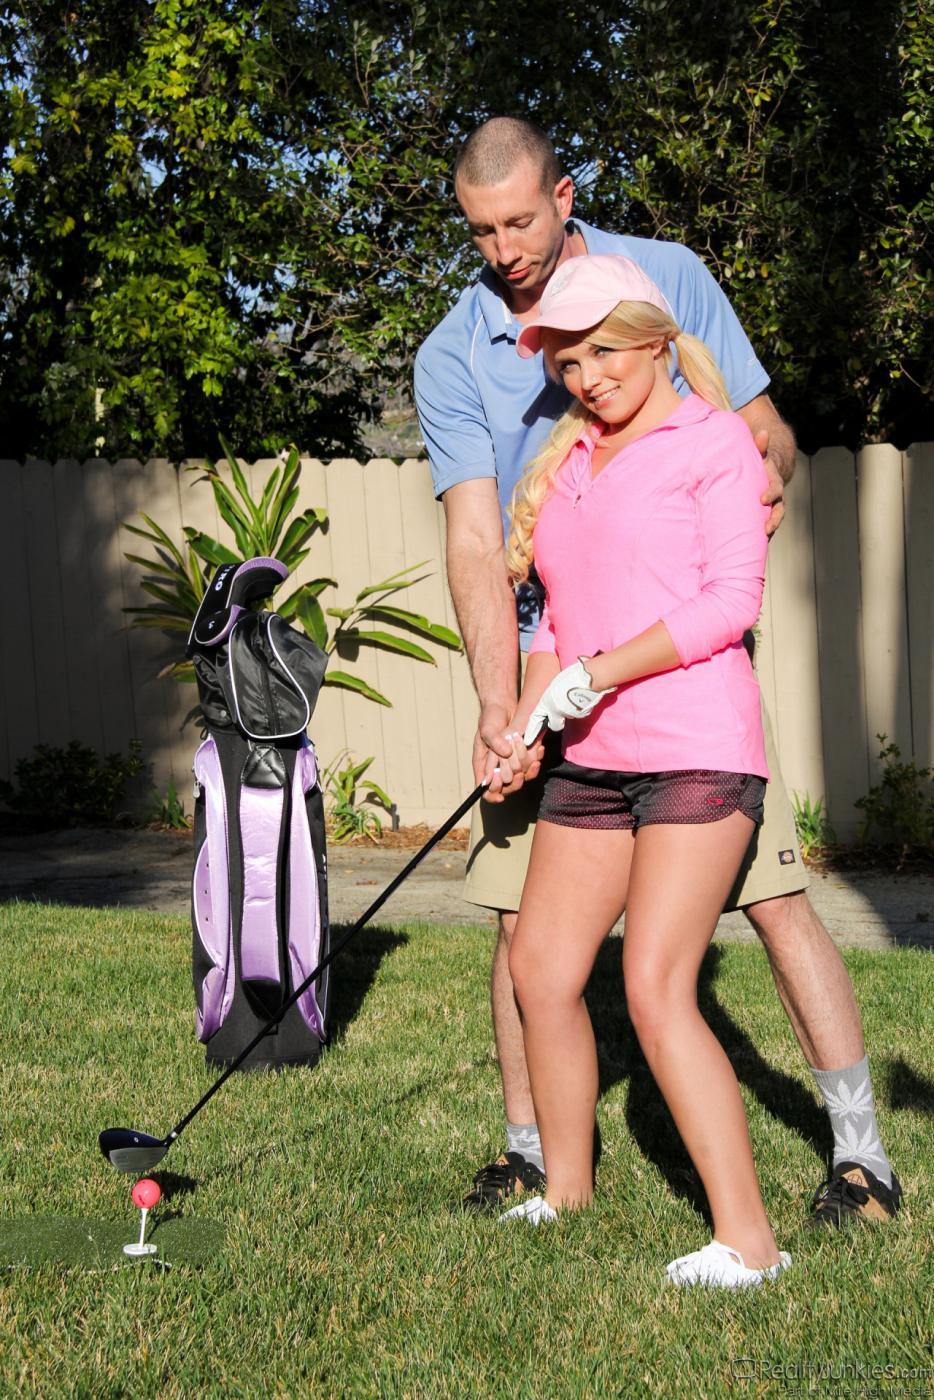 Парни трахают молоденькую Casey Stone в узкую киску до тех пор, пока она не получает оргазм